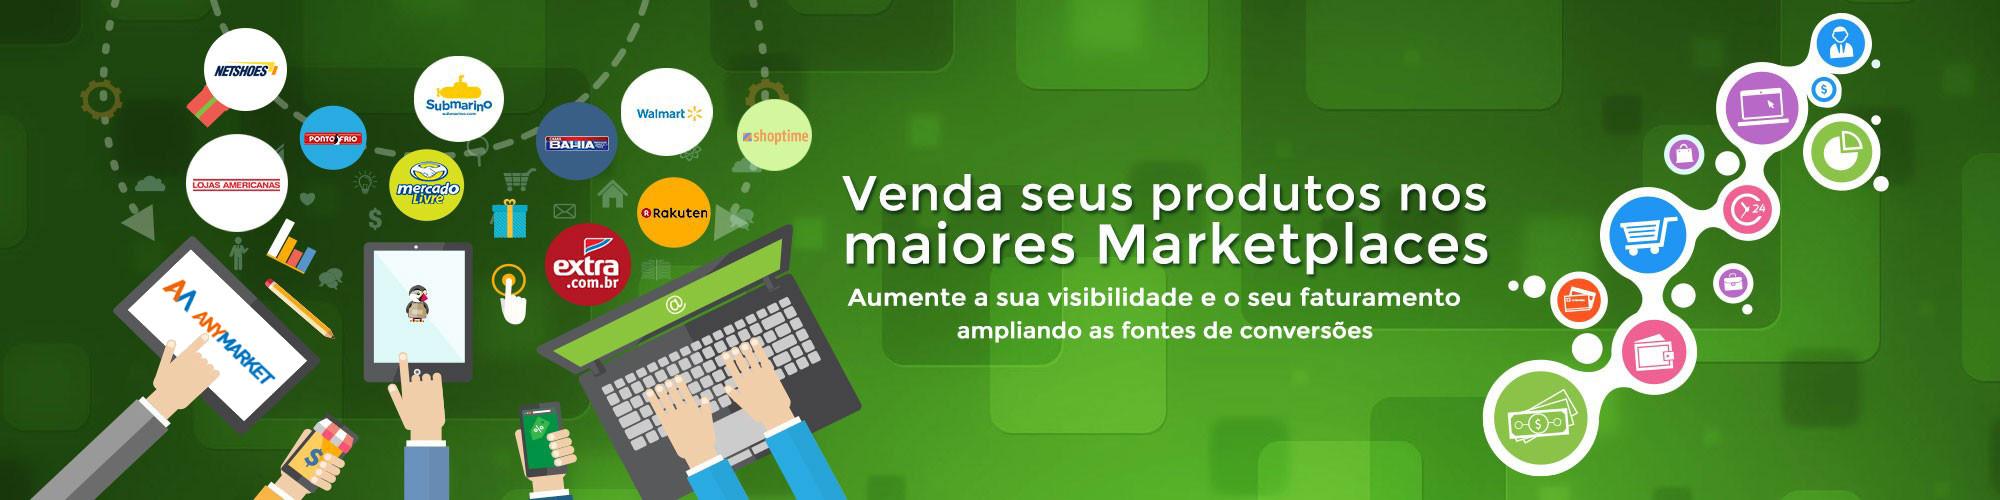 Venda sesus produtos nos maiores Marketplaces